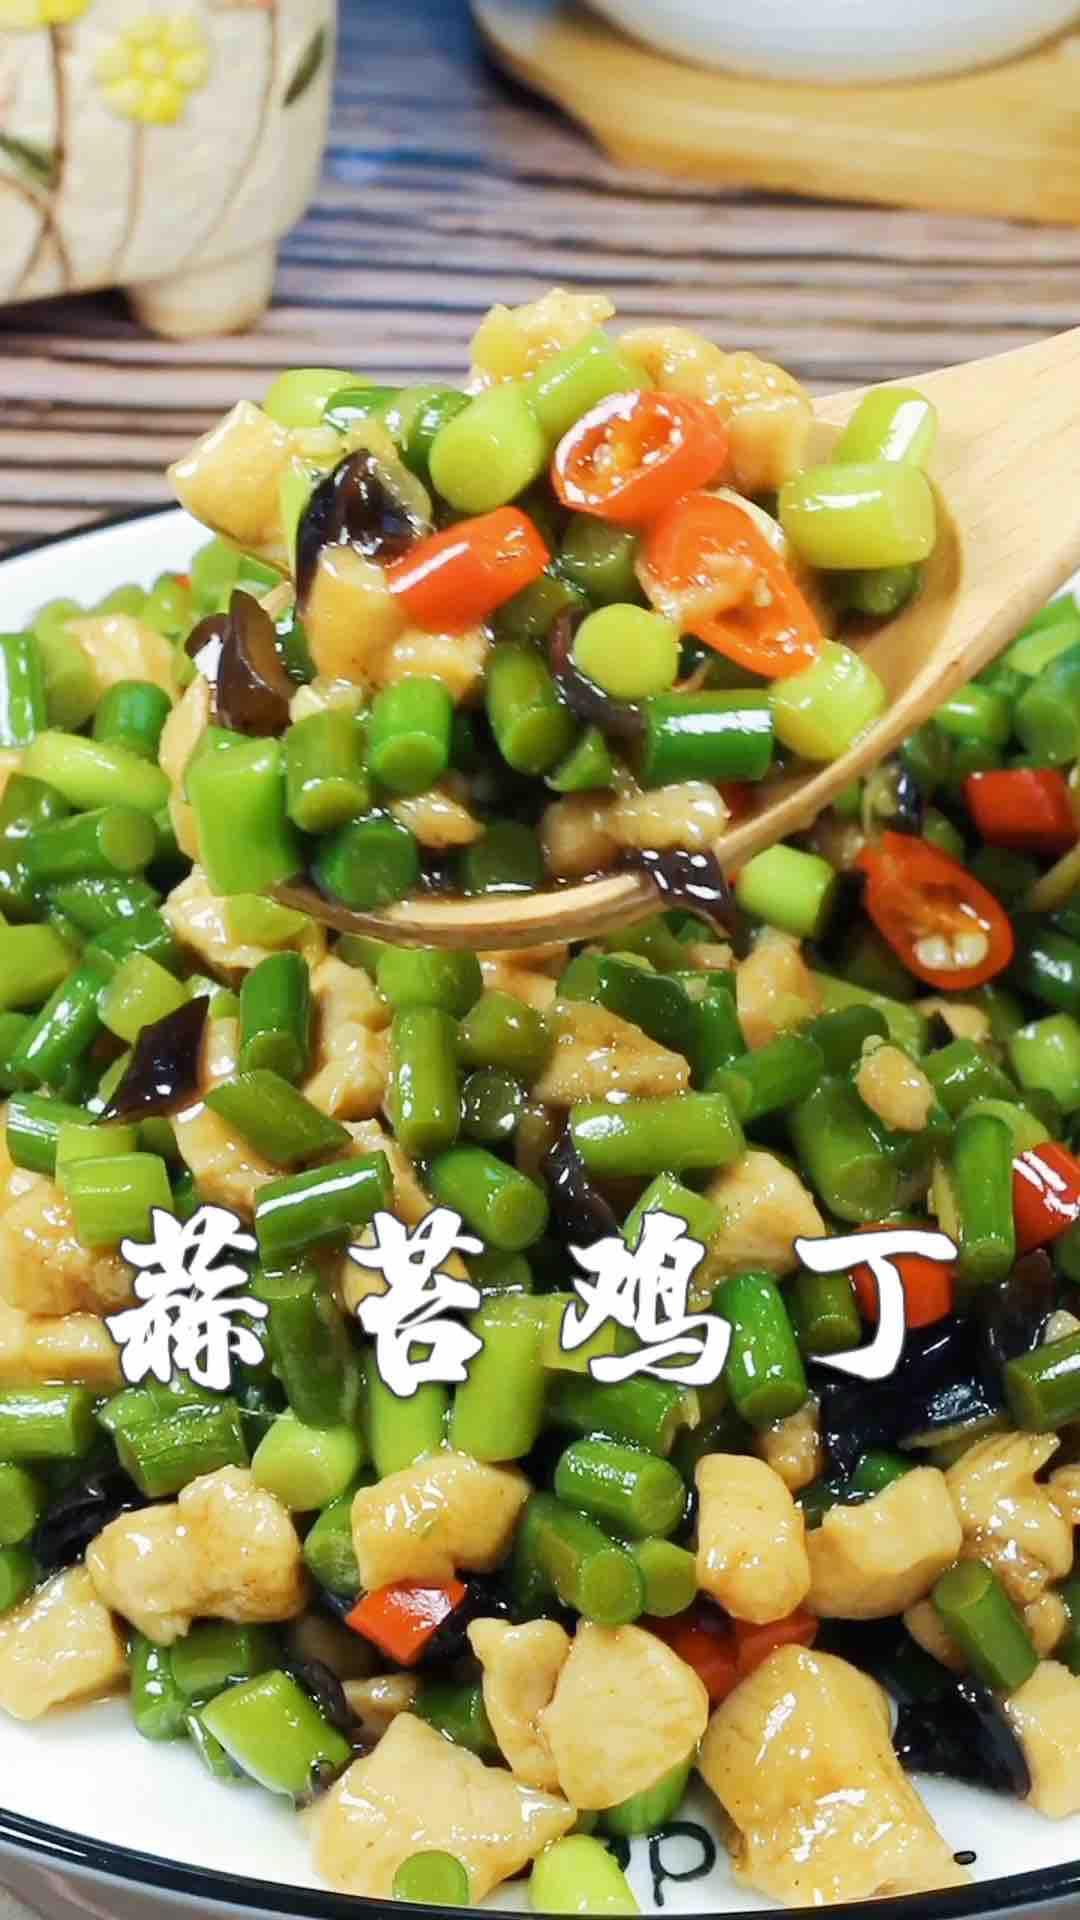 蒜苔鸡丁的做法【步骤图】